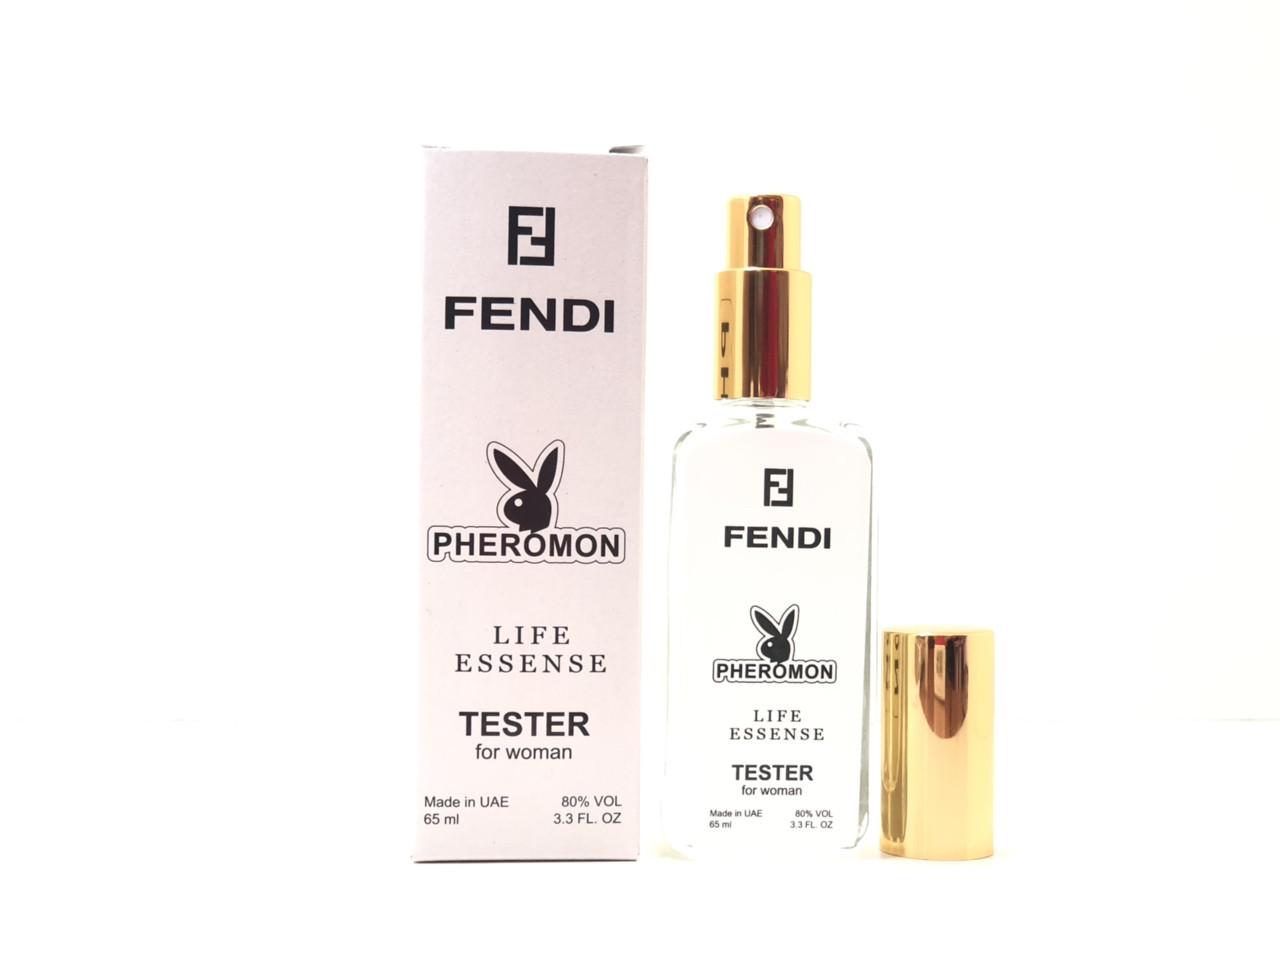 Женский мини-парфюм Fendi Life Essence (Фэнди лайф ессенс) 65 мл тестер (реплика)